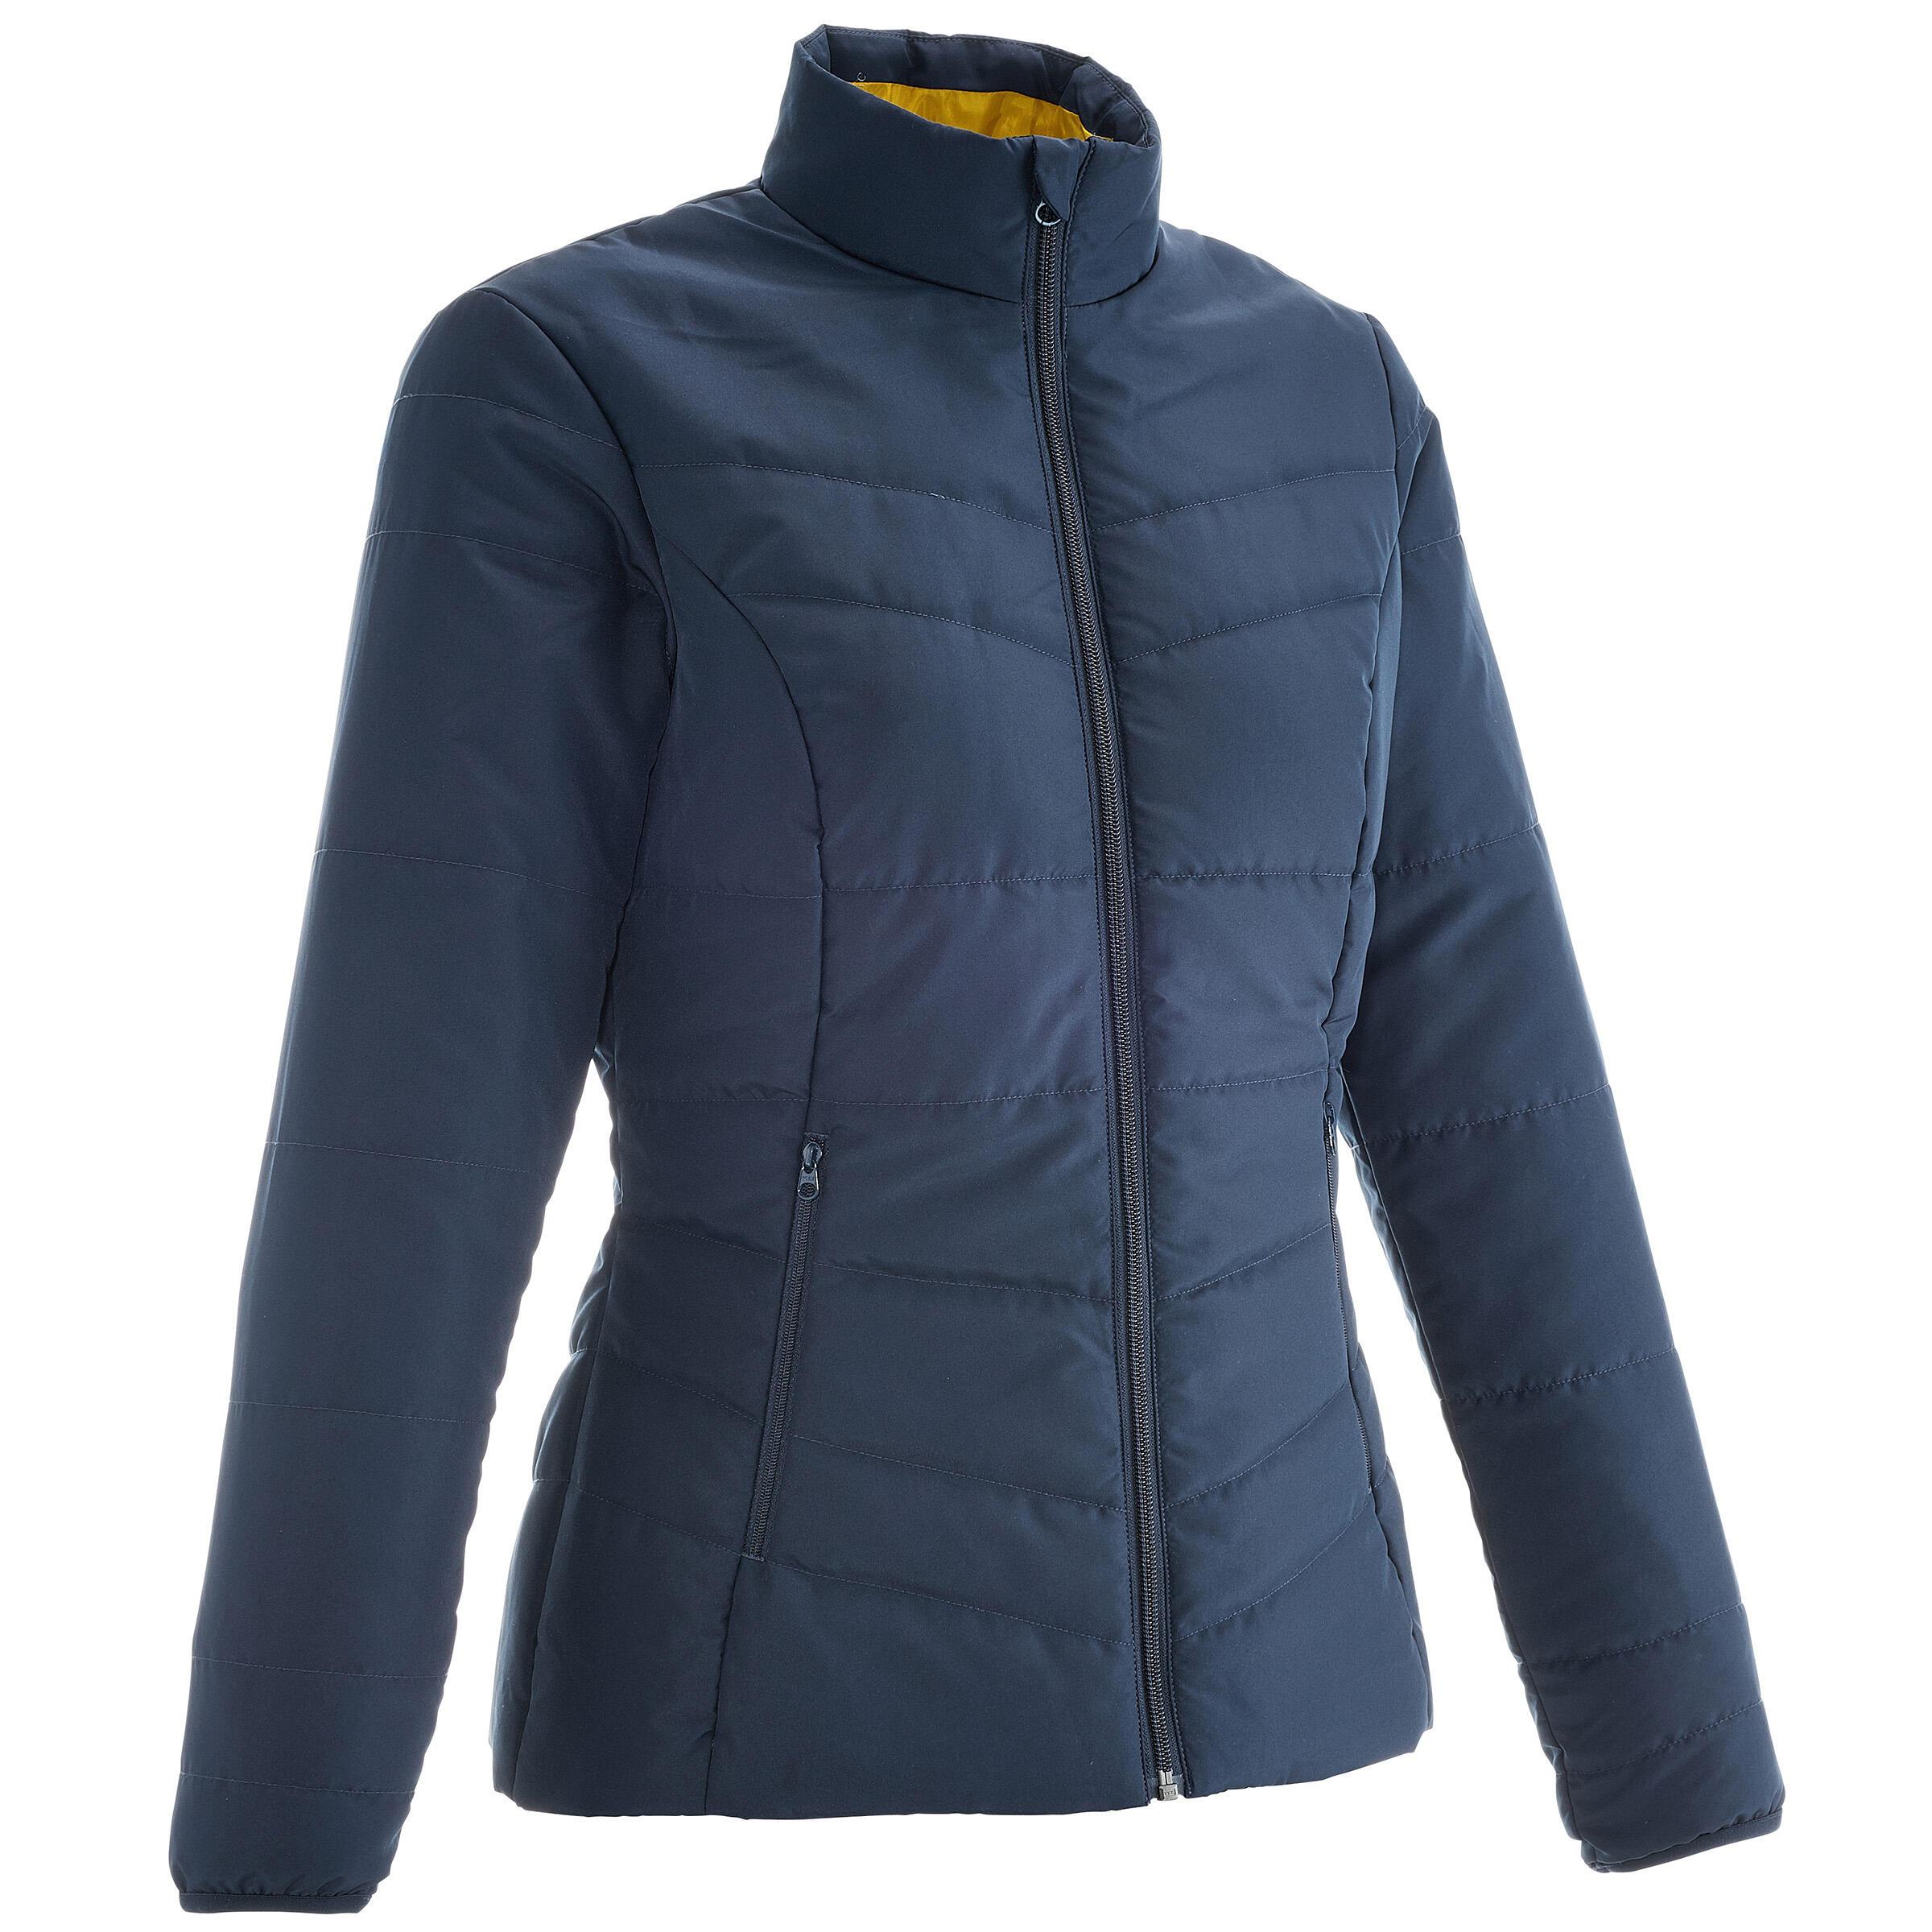 Manteau femme grand col cyrillus